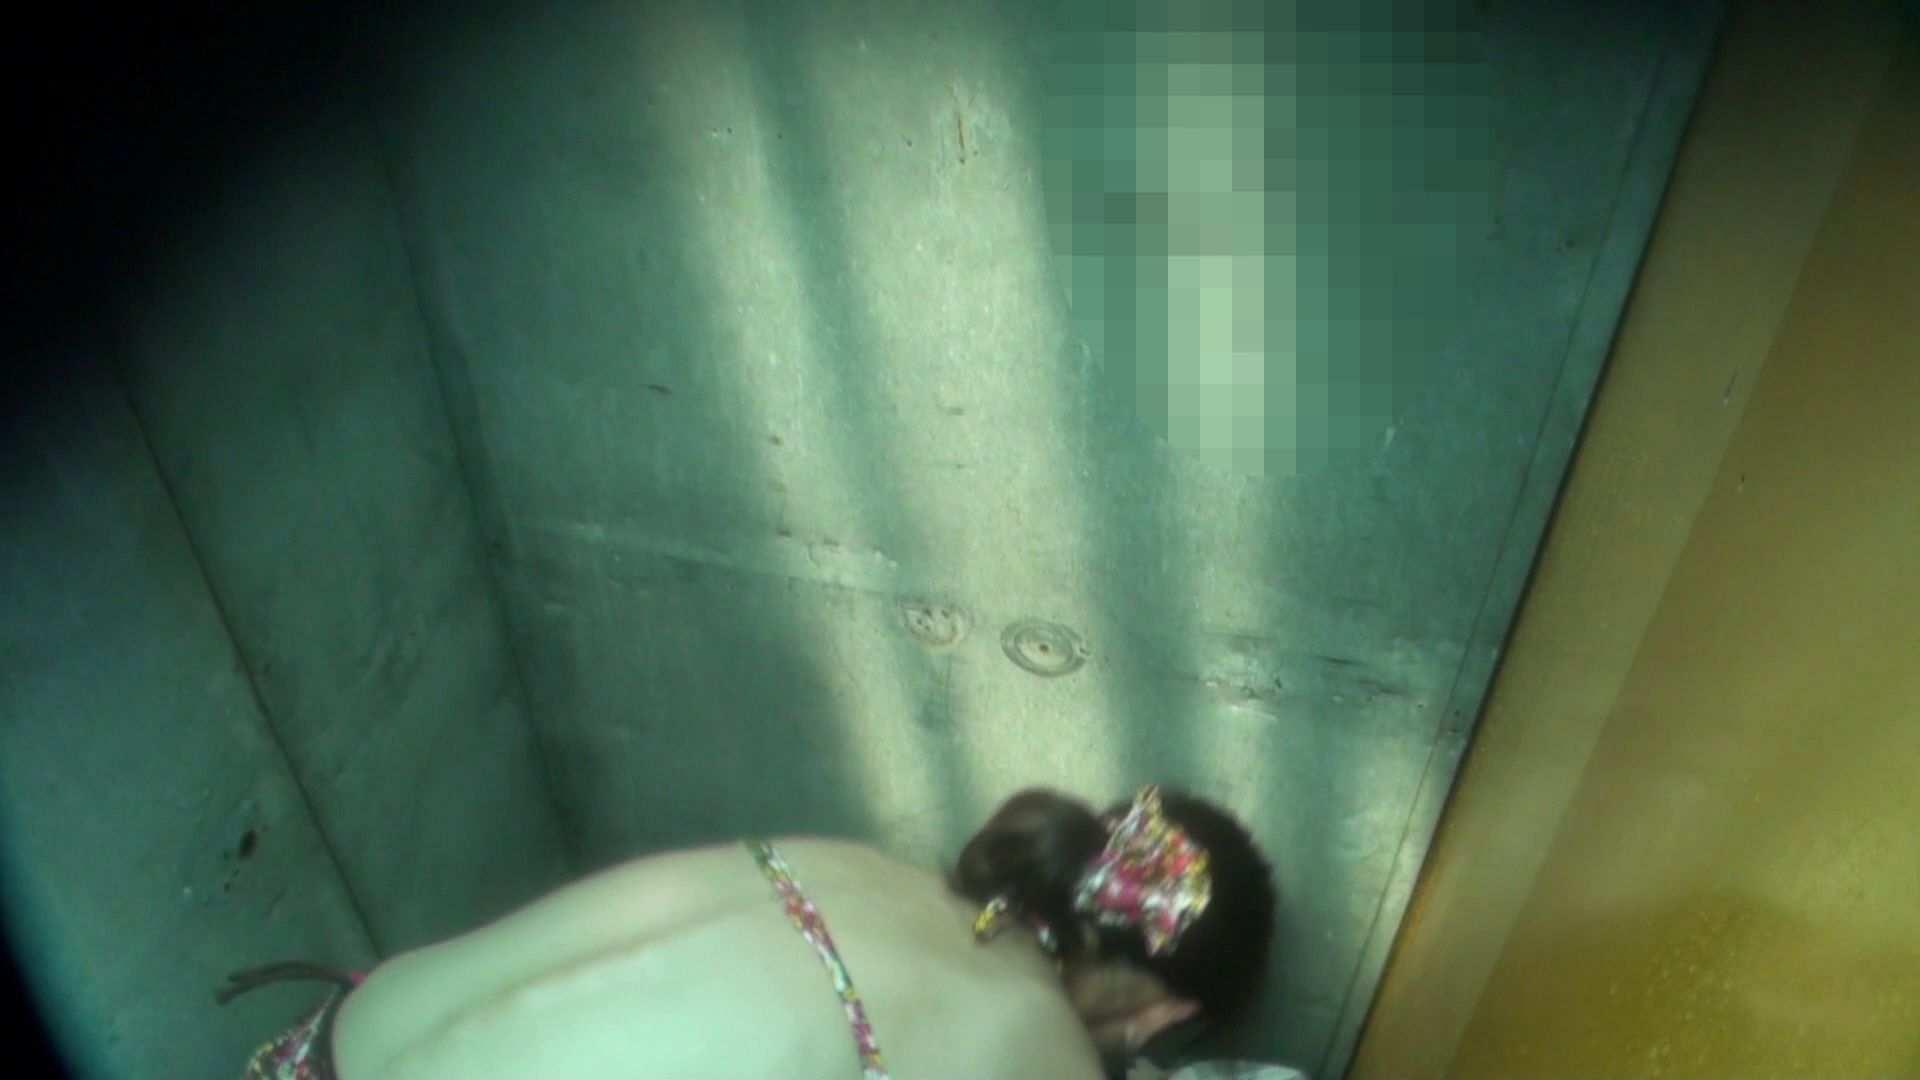 シャワールームは超!!危険な香りVol.16 意外に乳首は年増のそれ 乳首ポロリ  108画像 108